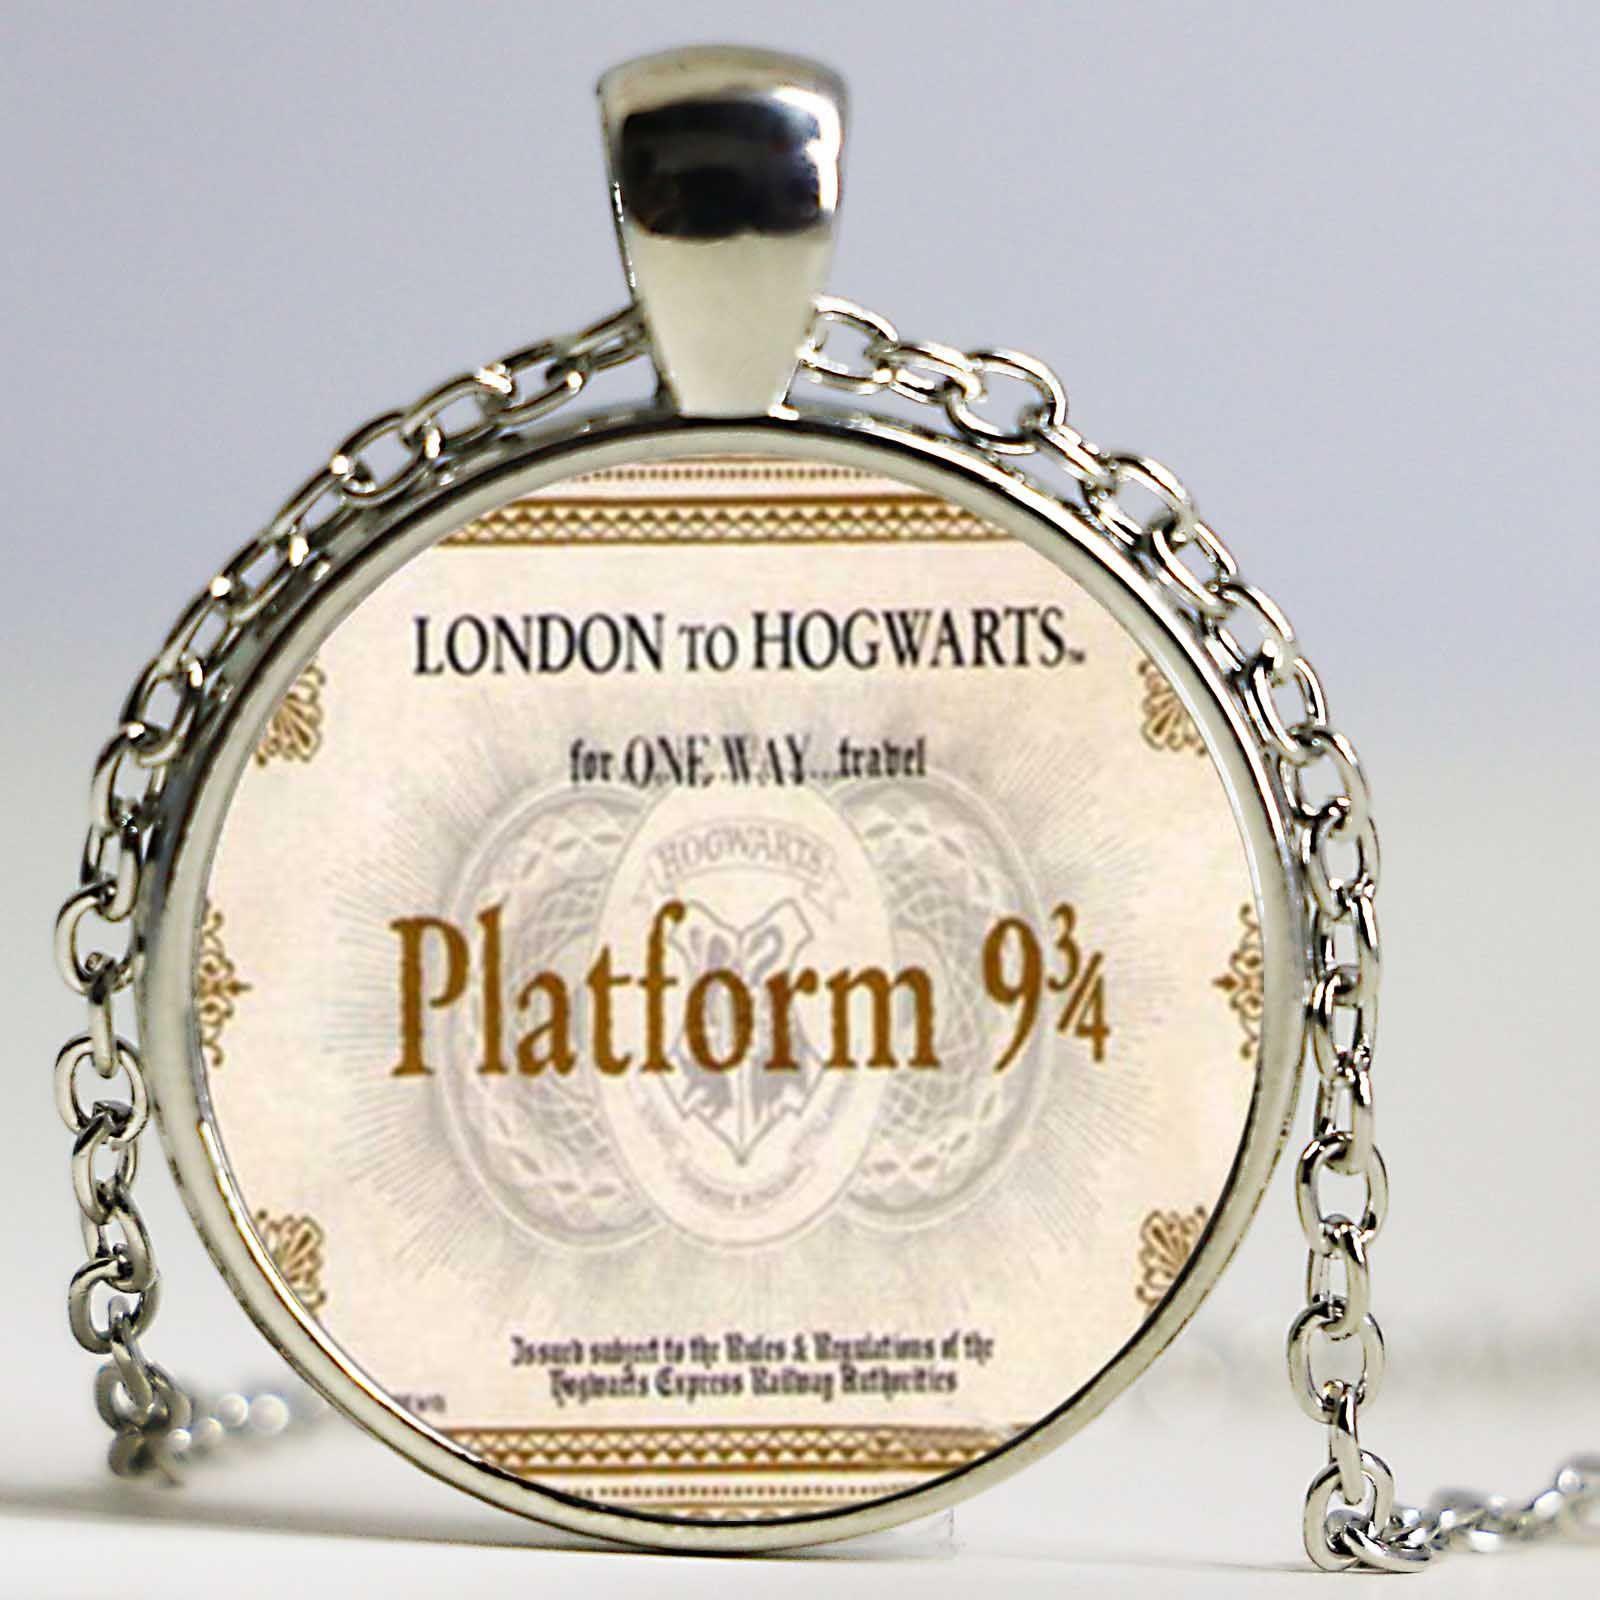 책 쥬얼리, LONDON TO HOGWARTS 익스프레스 열차 티켓 플랫폼 9 및 34 유리 펜던트, 플랫폼 9 케이스 43 펜던트 목걸이